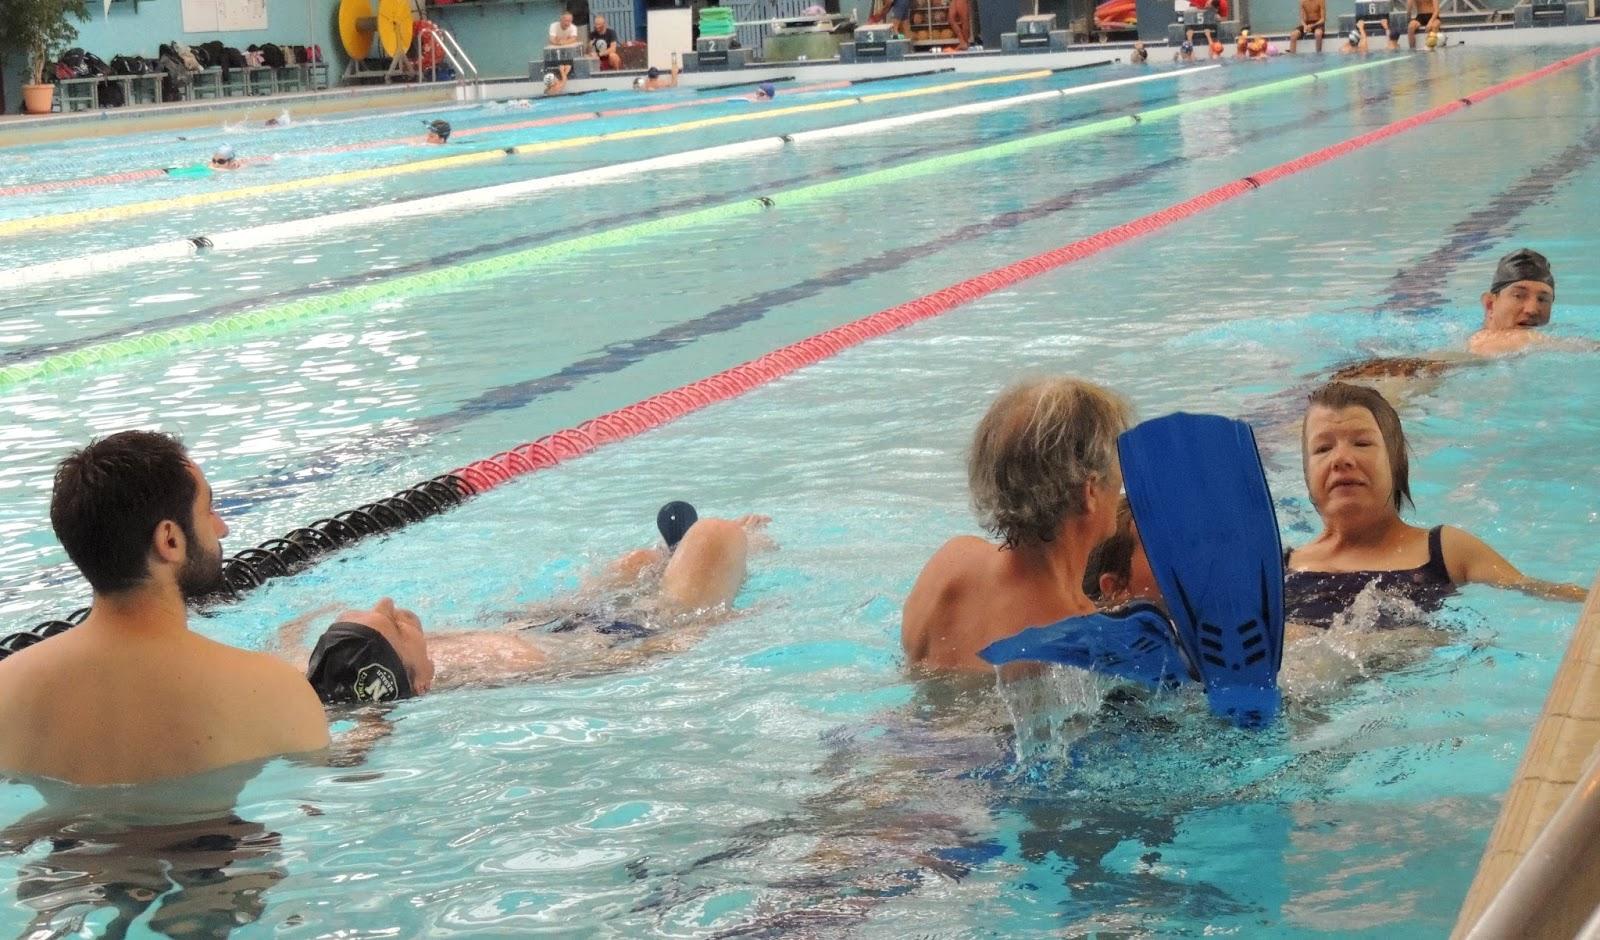 copain clopant triathlon des copains clopant creps et On piscine universitaire talence